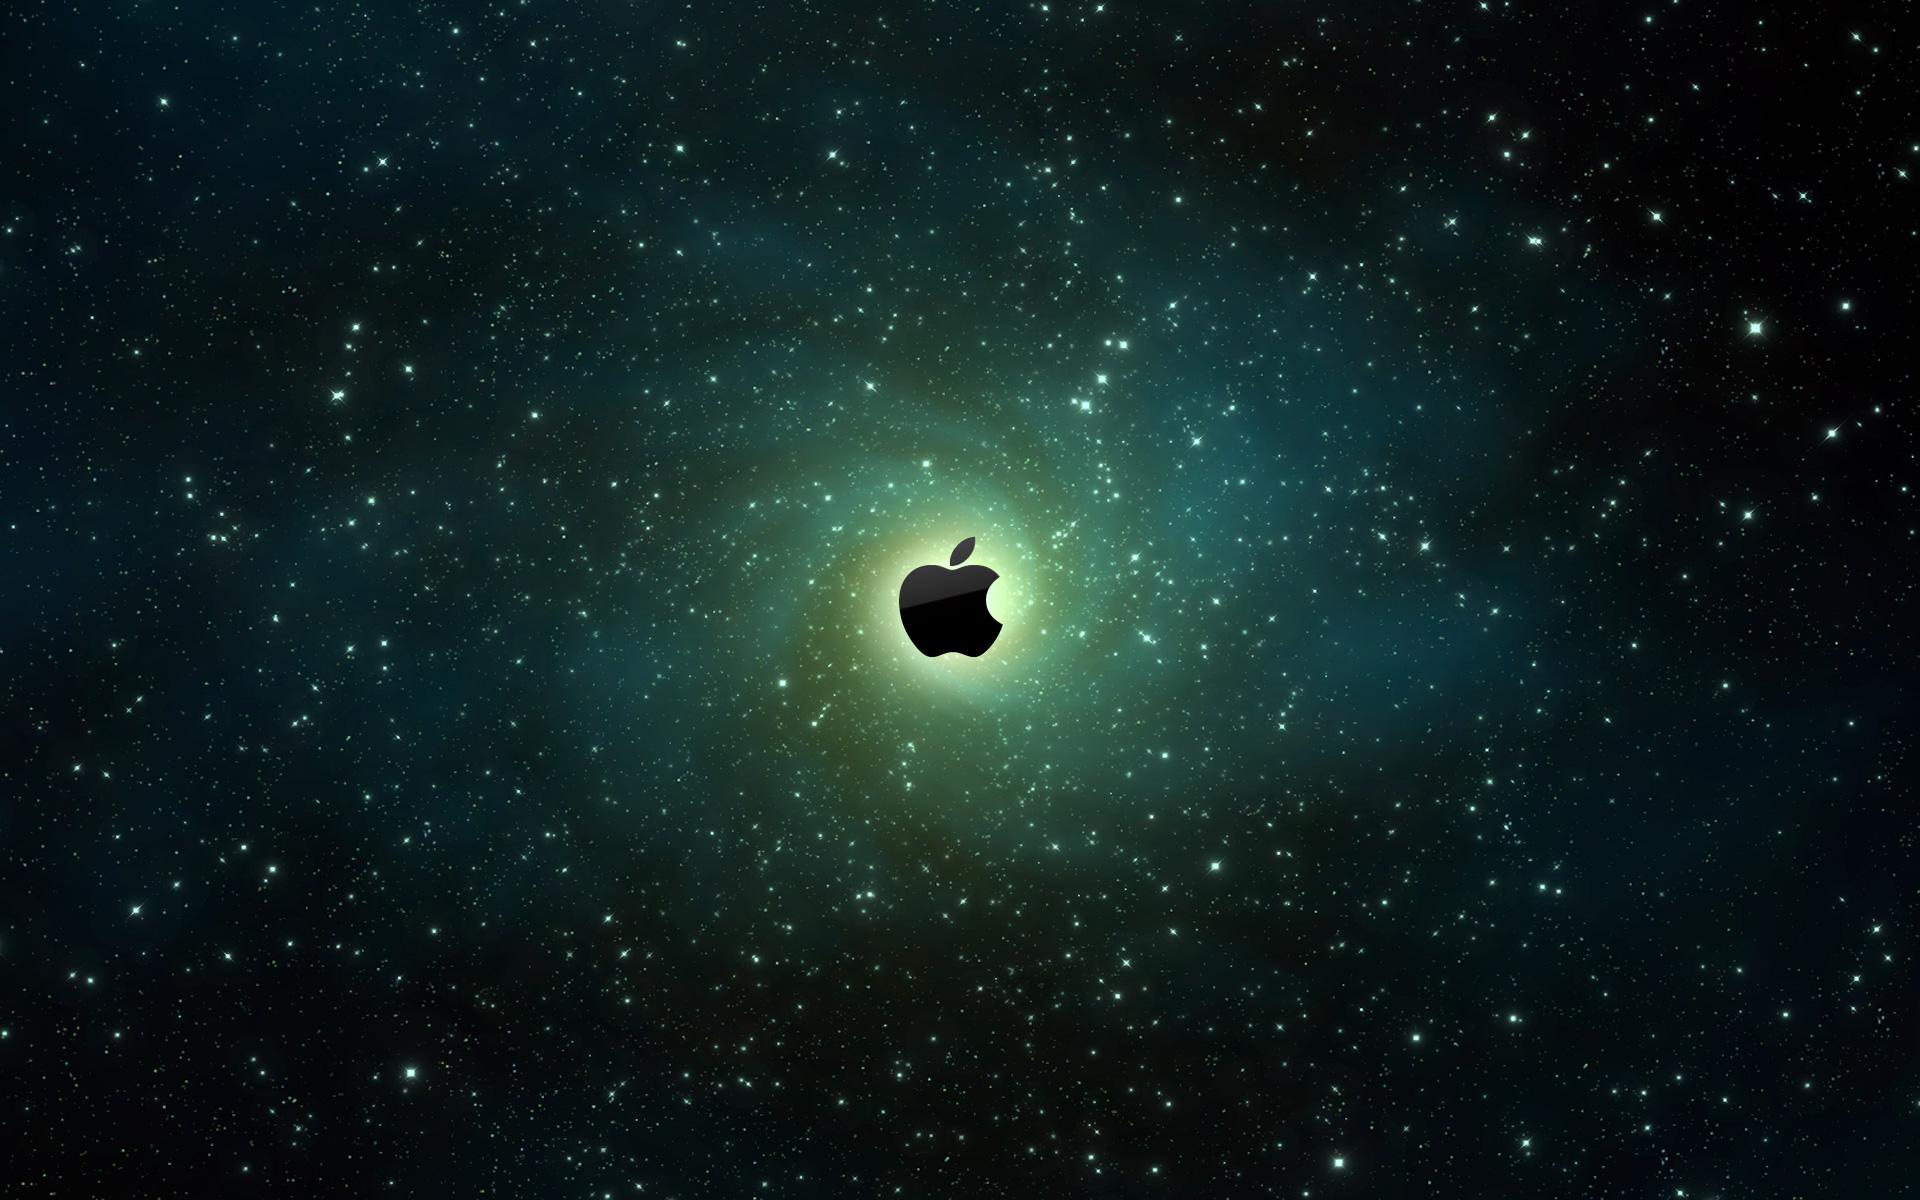 والپیپر های زیبا با طرح اپل,تصاویر زیبا از لوگوی اپل,تصاویر پس زمینه,طرح های گرافیکی زیبا,زیباترین پس زمینه های شرکت اپل